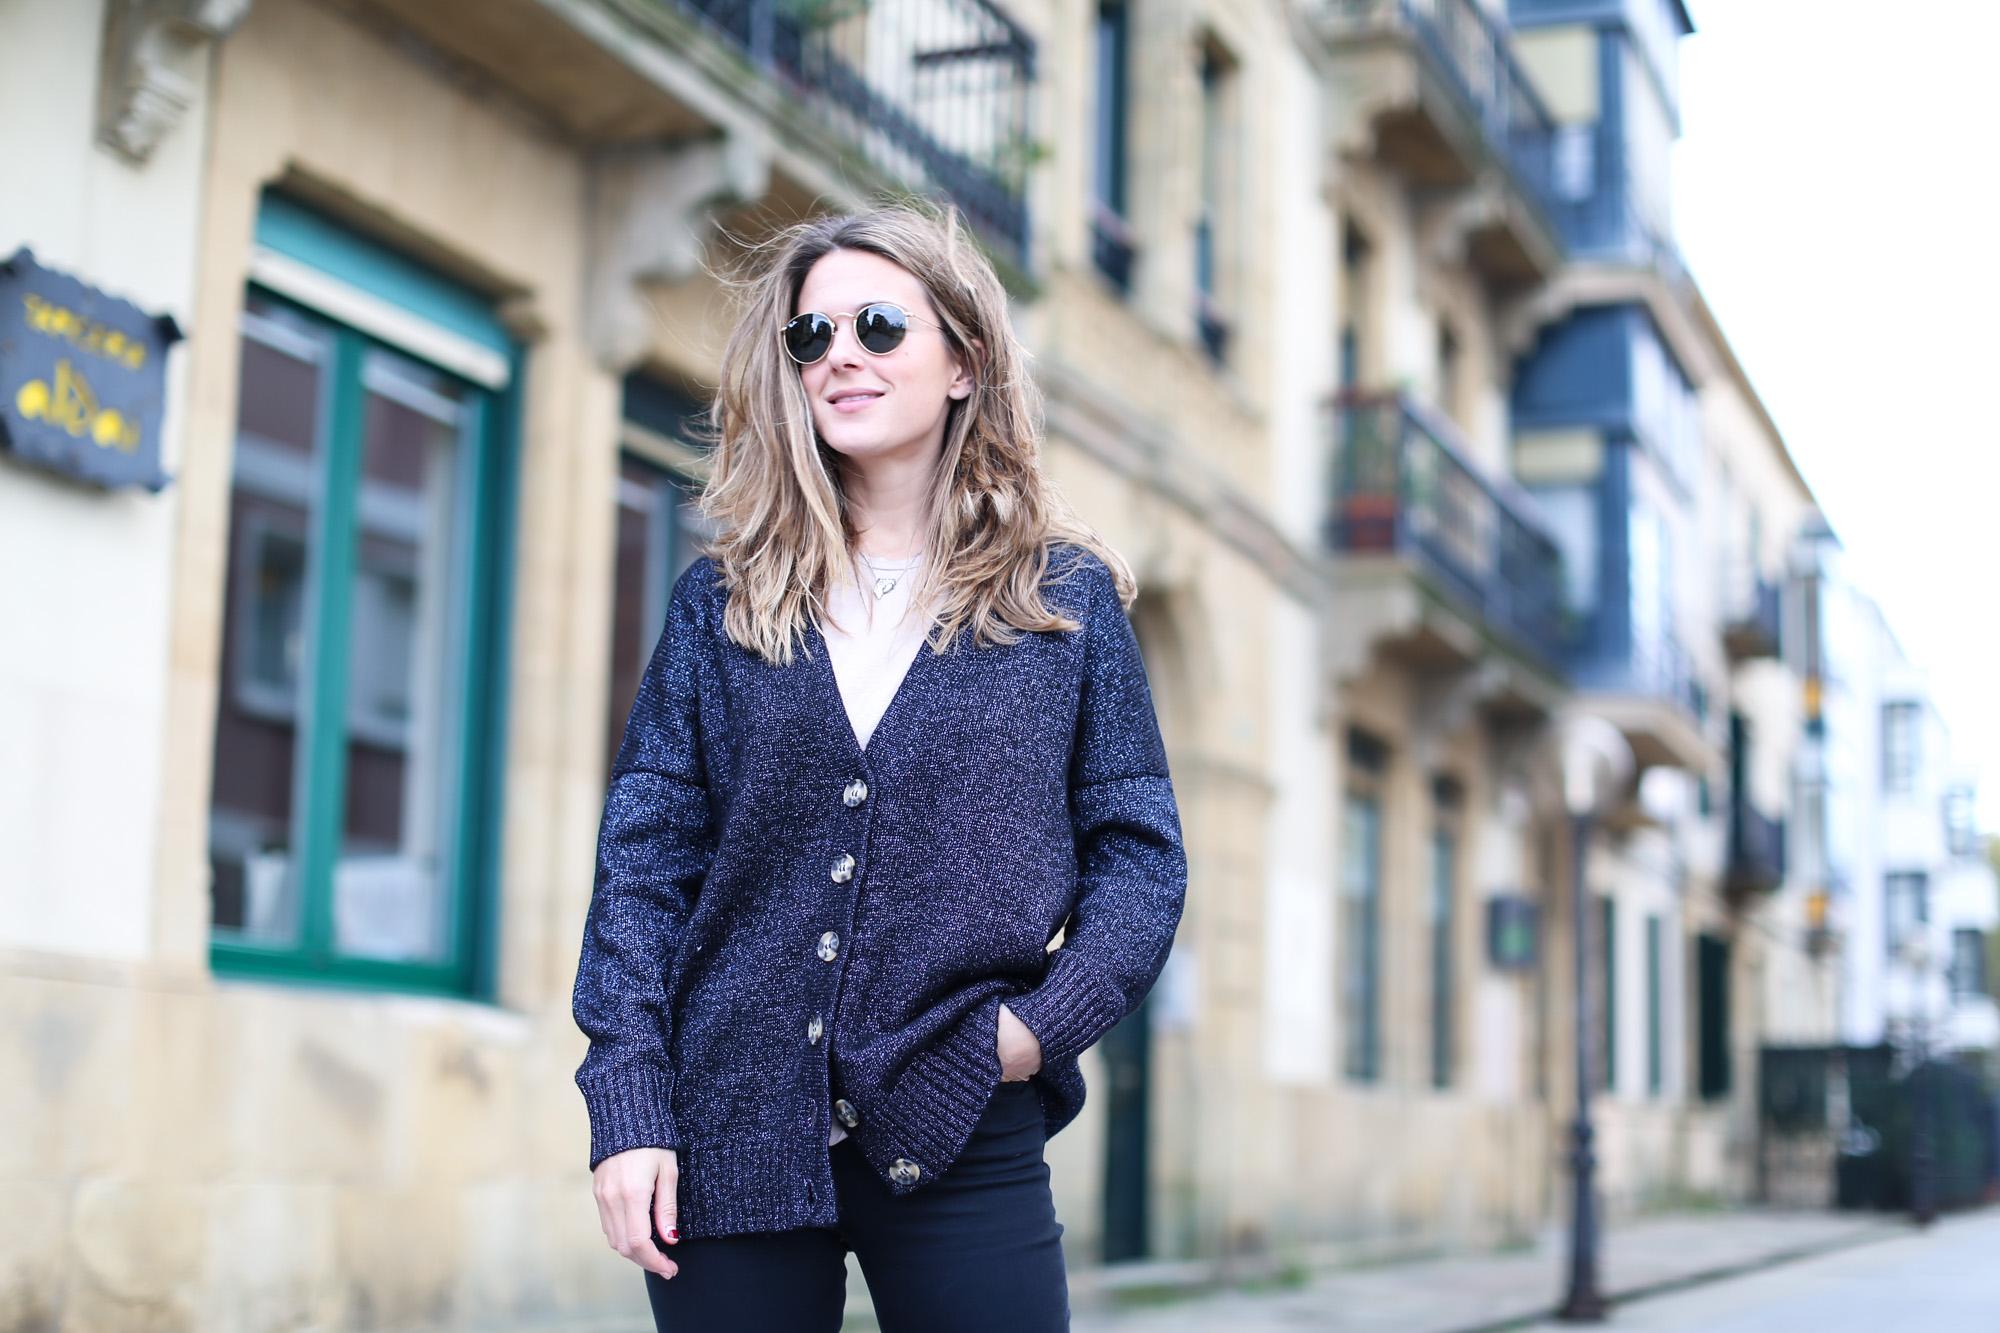 Clochet_streestyle_fashionblogger_topshopjamiejeans_zaranavyglitterknit_furcoat-4